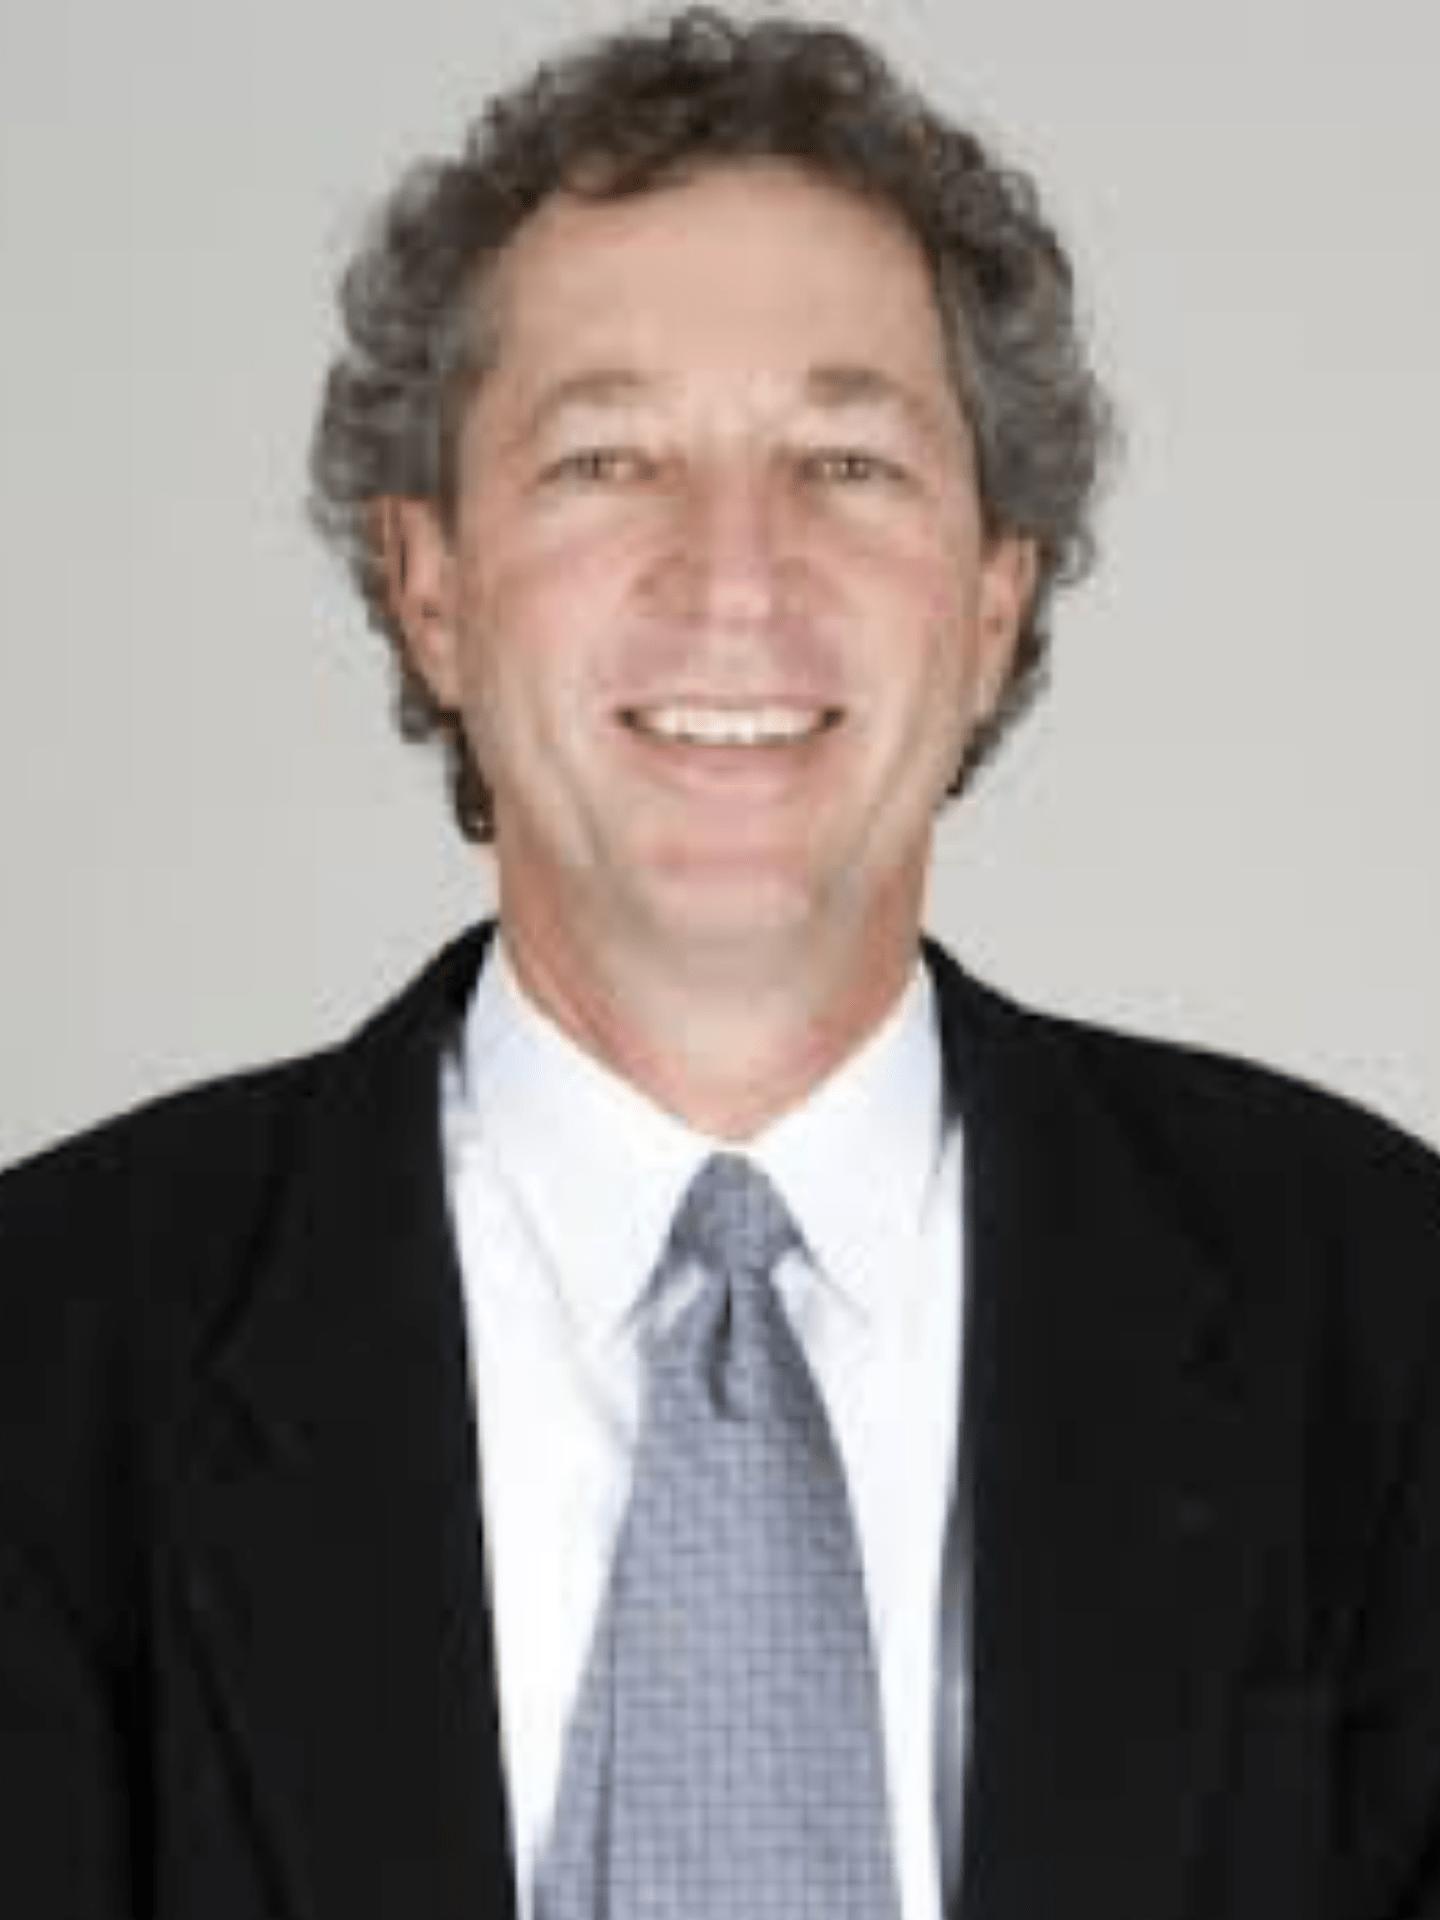 Mr. David Firestein